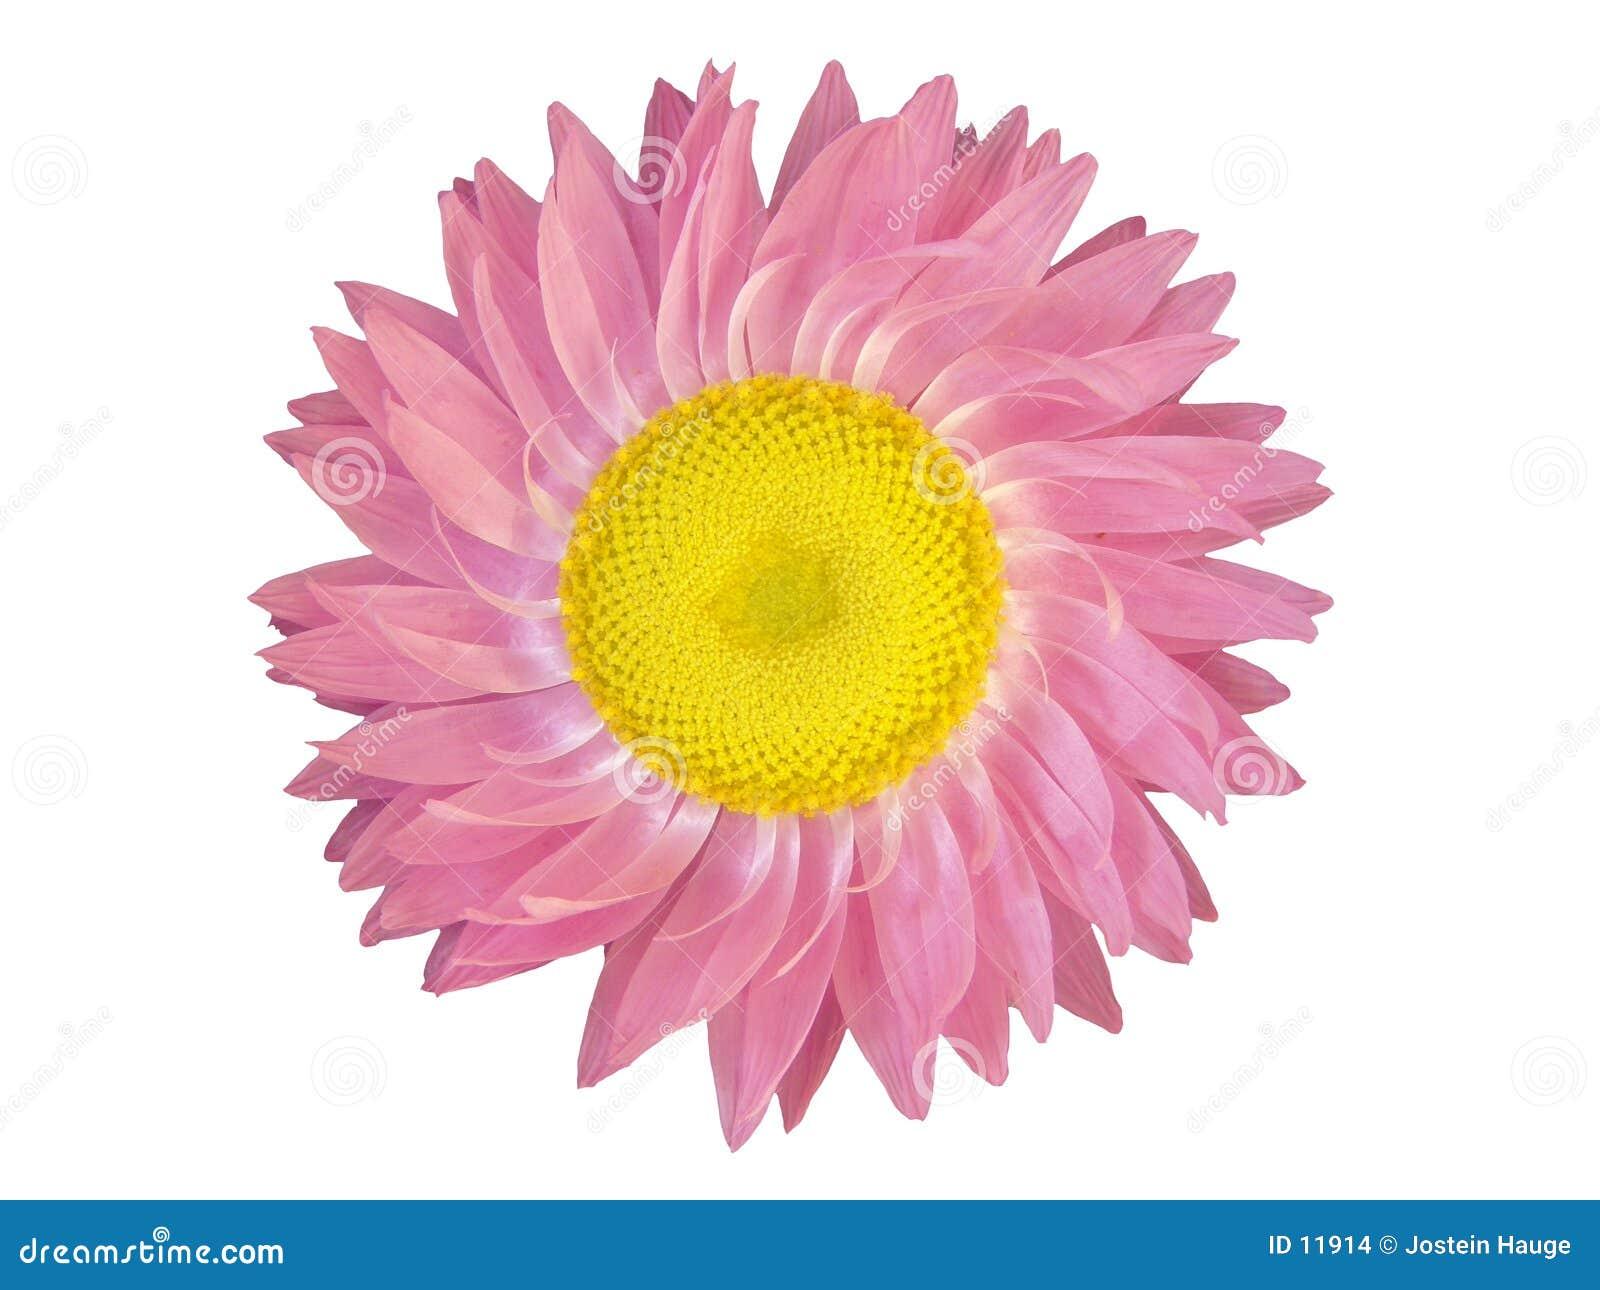 设计要素头状花序粉红色